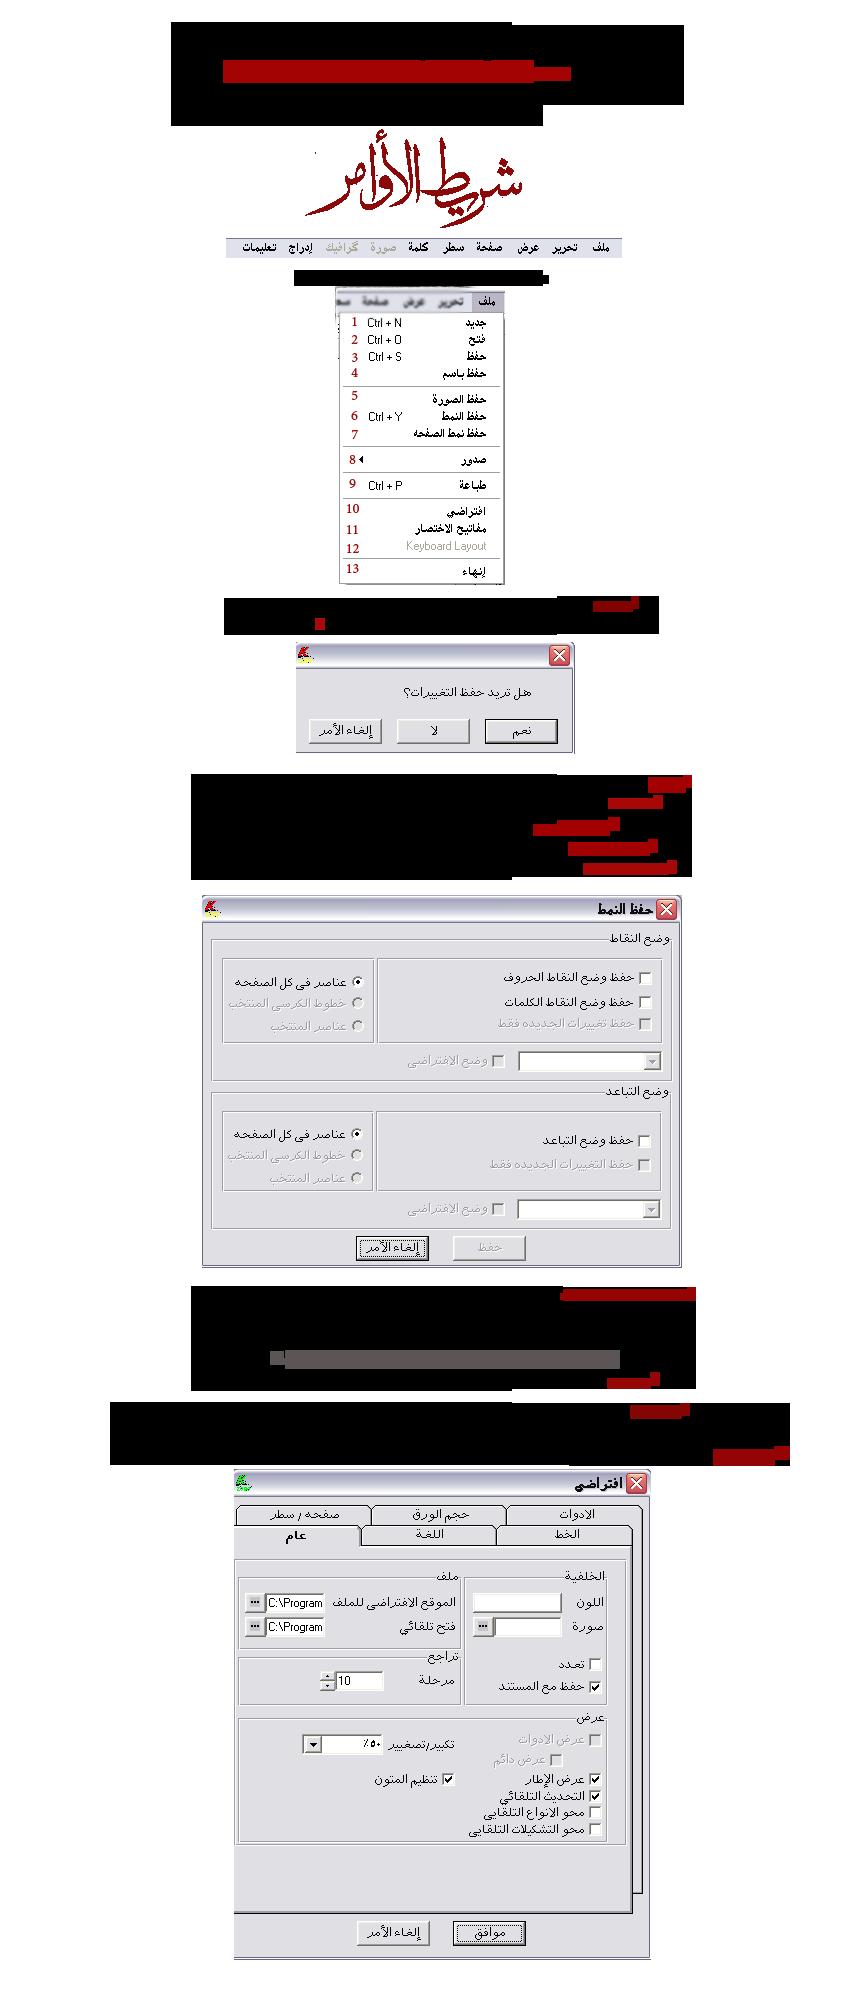 الدرس الثاني : شرح قوائم برنامج الكلك الجزء الأول Bnatsa11